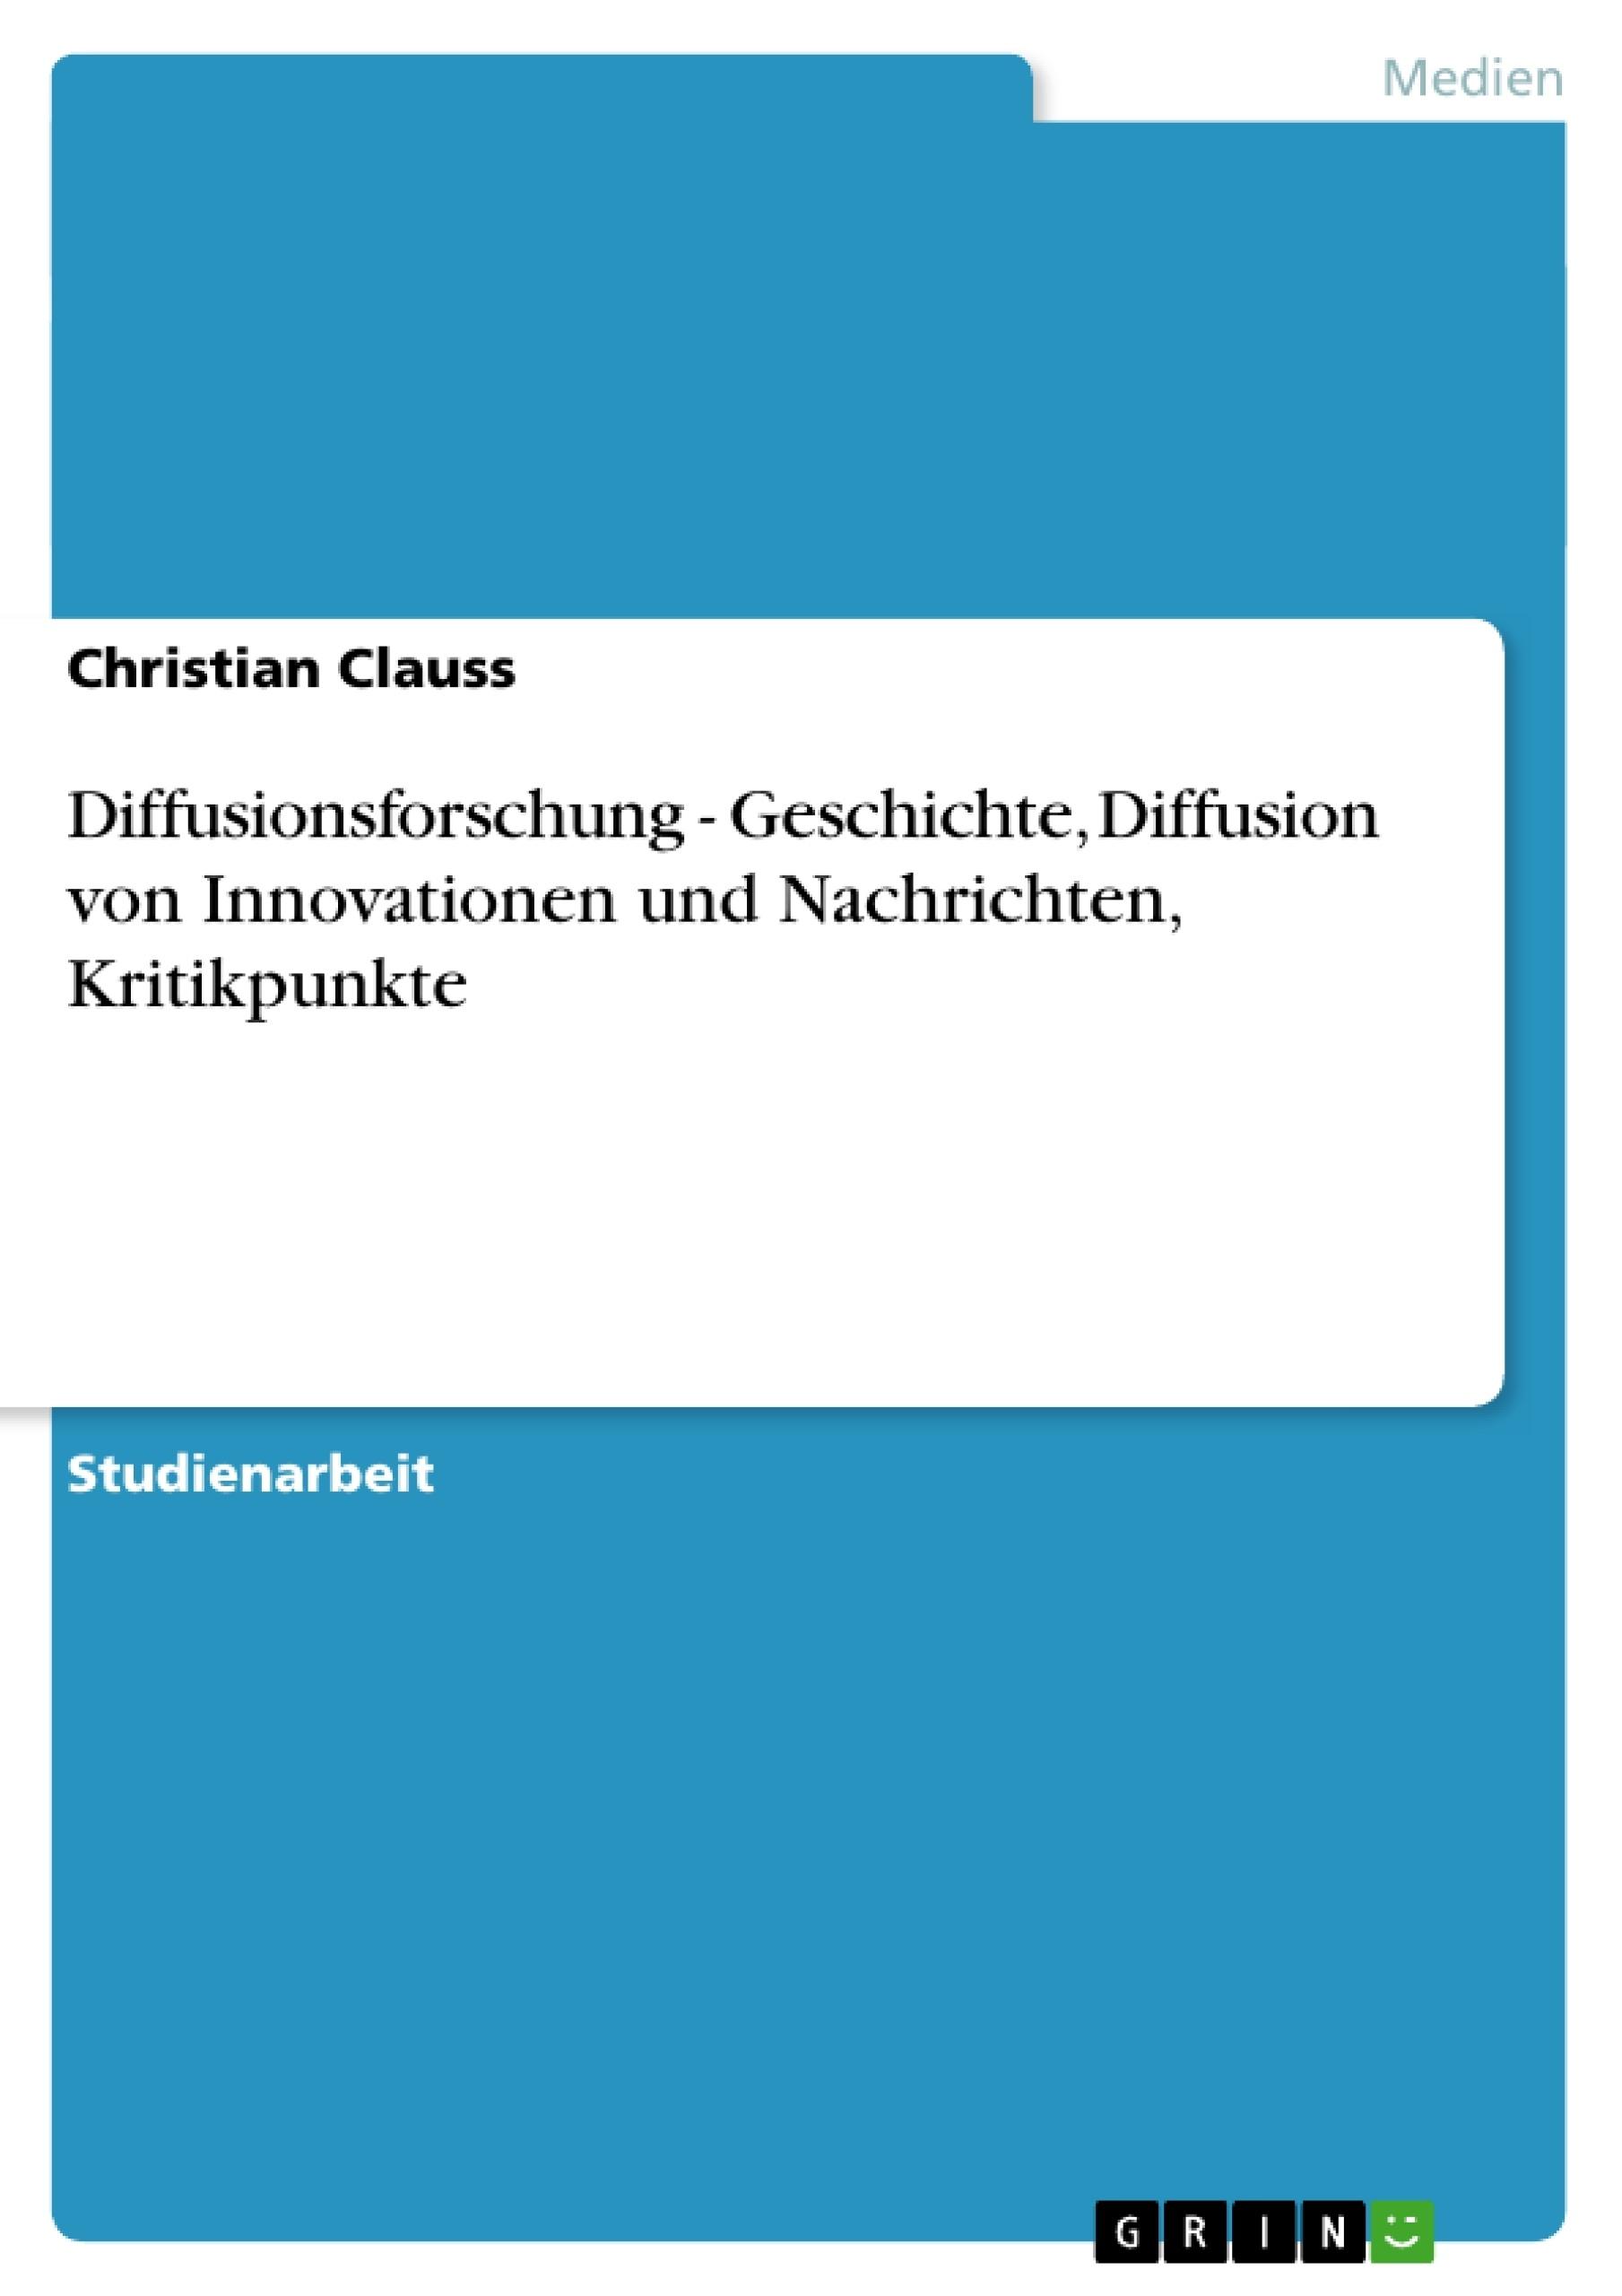 Titel: Diffusionsforschung - Geschichte, Diffusion von Innovationen und Nachrichten, Kritikpunkte